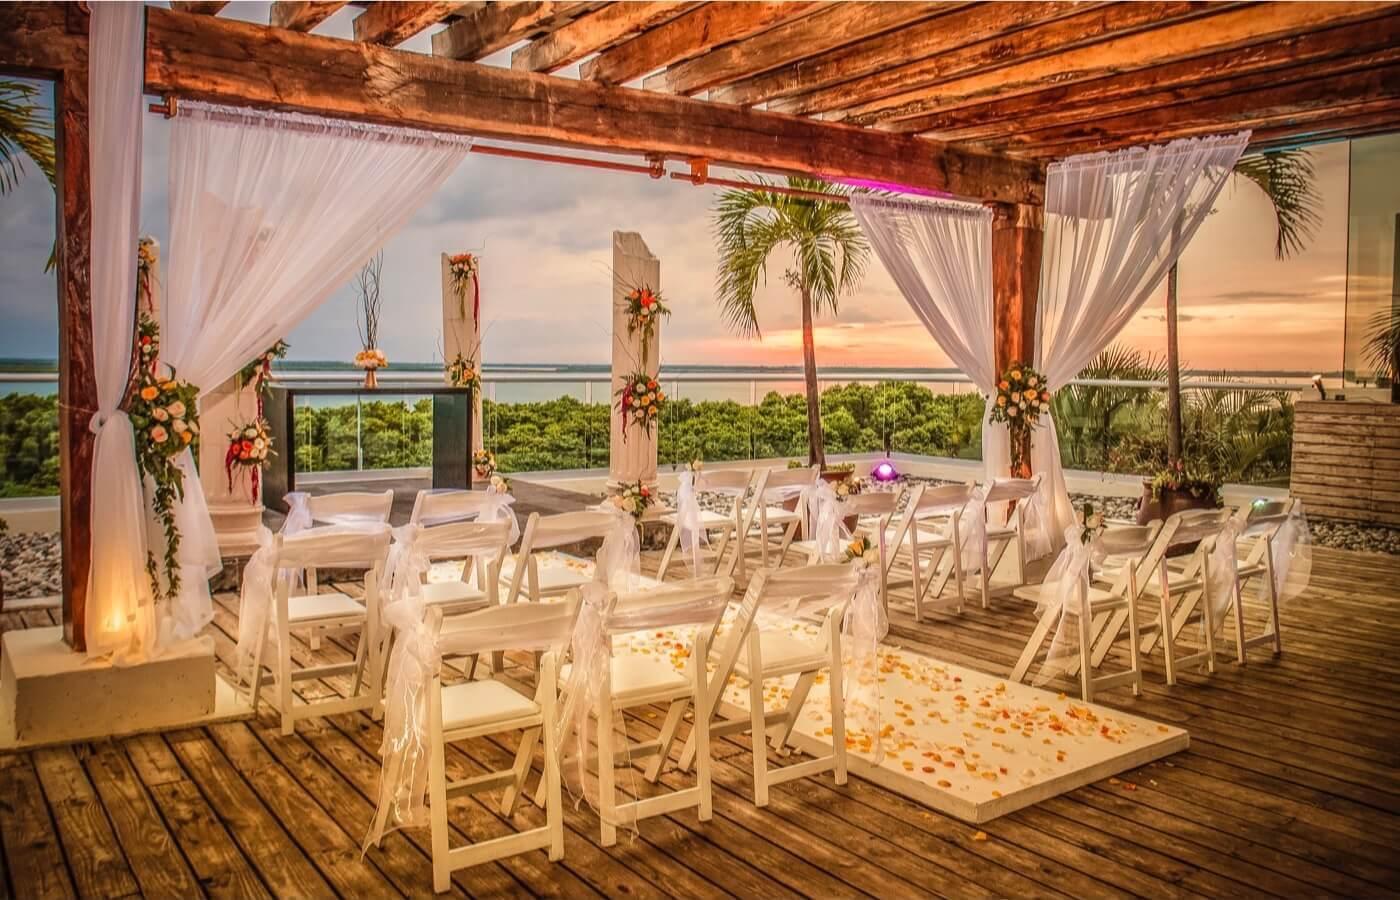 Camino de pétalos de flores para entrada de novia en ceremonia de bodas al aire libre junto al mar